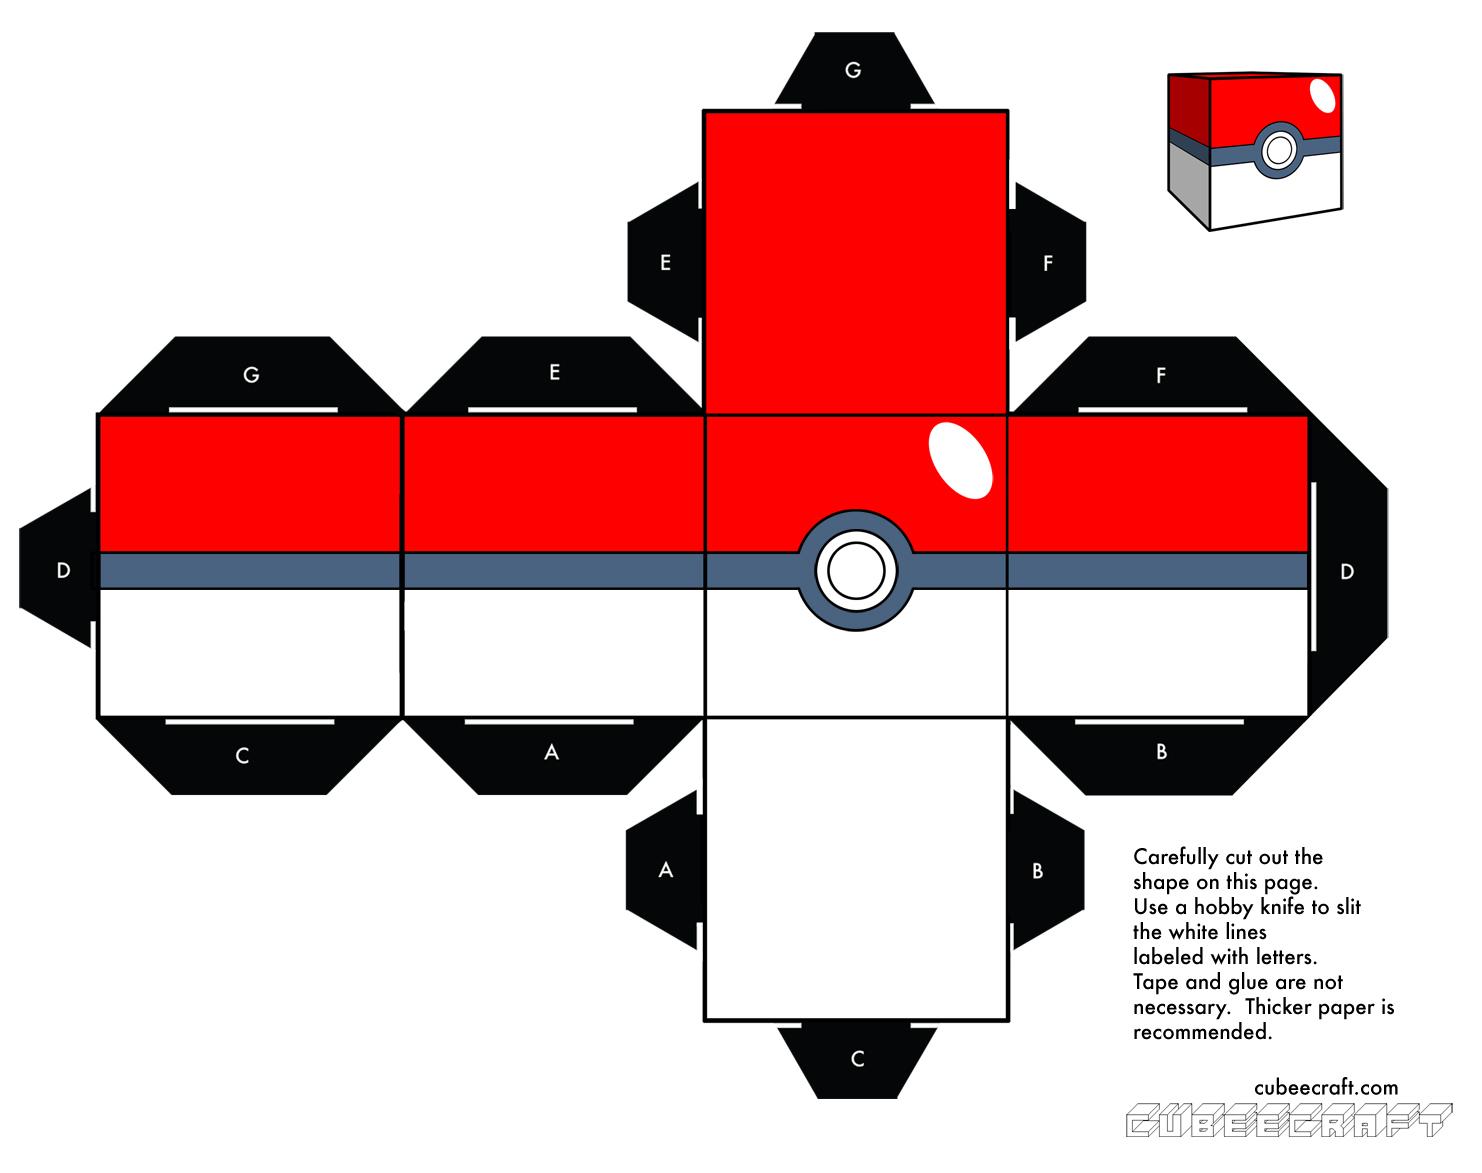 Dini Create Cubeecraft Pokemon